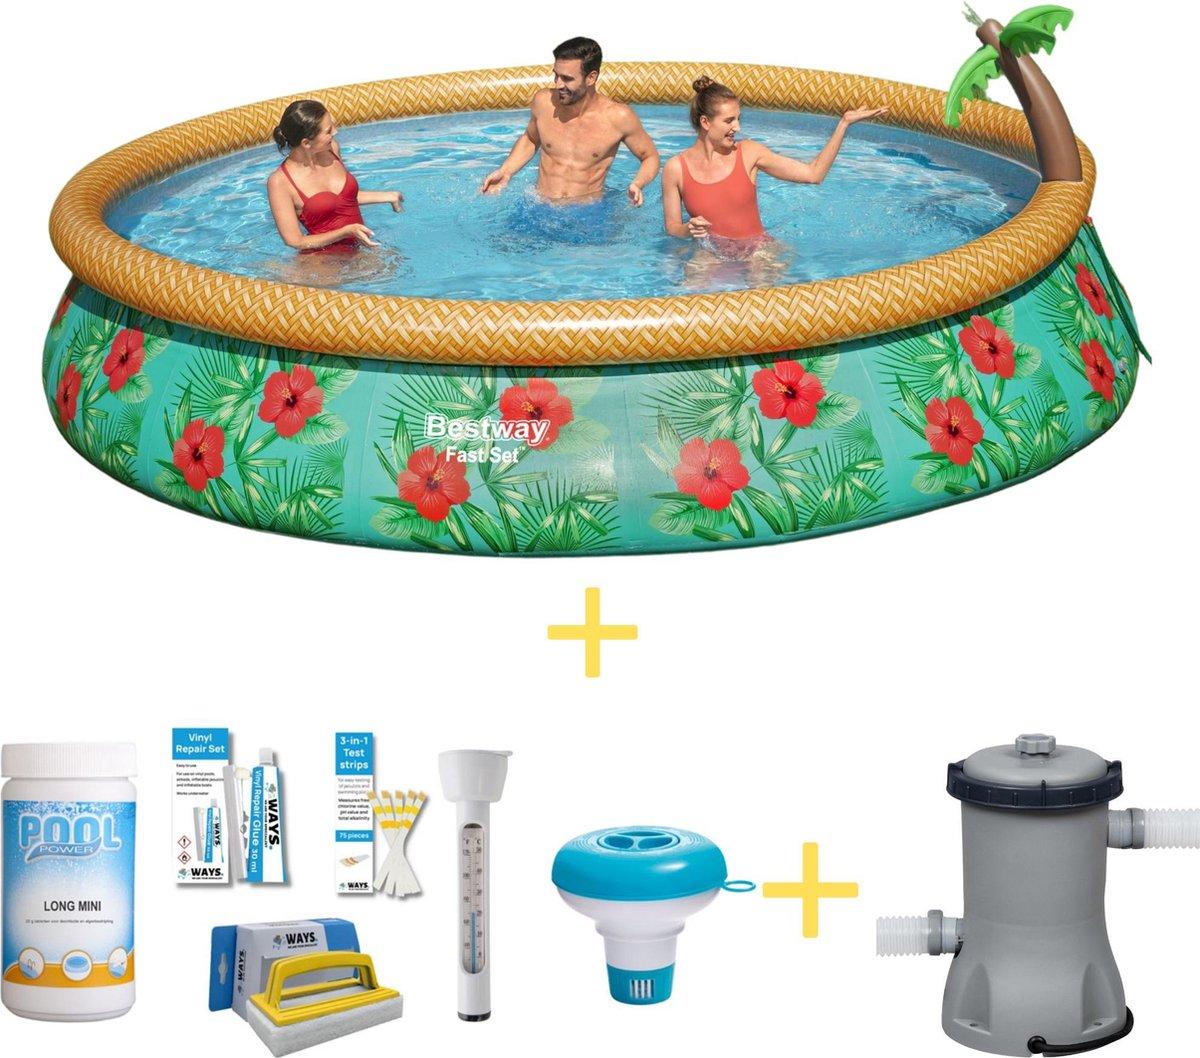 Bestway Zwembad - Fast Set - Paradijs Bloemen - 457 x 84 cm - Inclusief WAYS Onderhoudspakket & Filterpomp